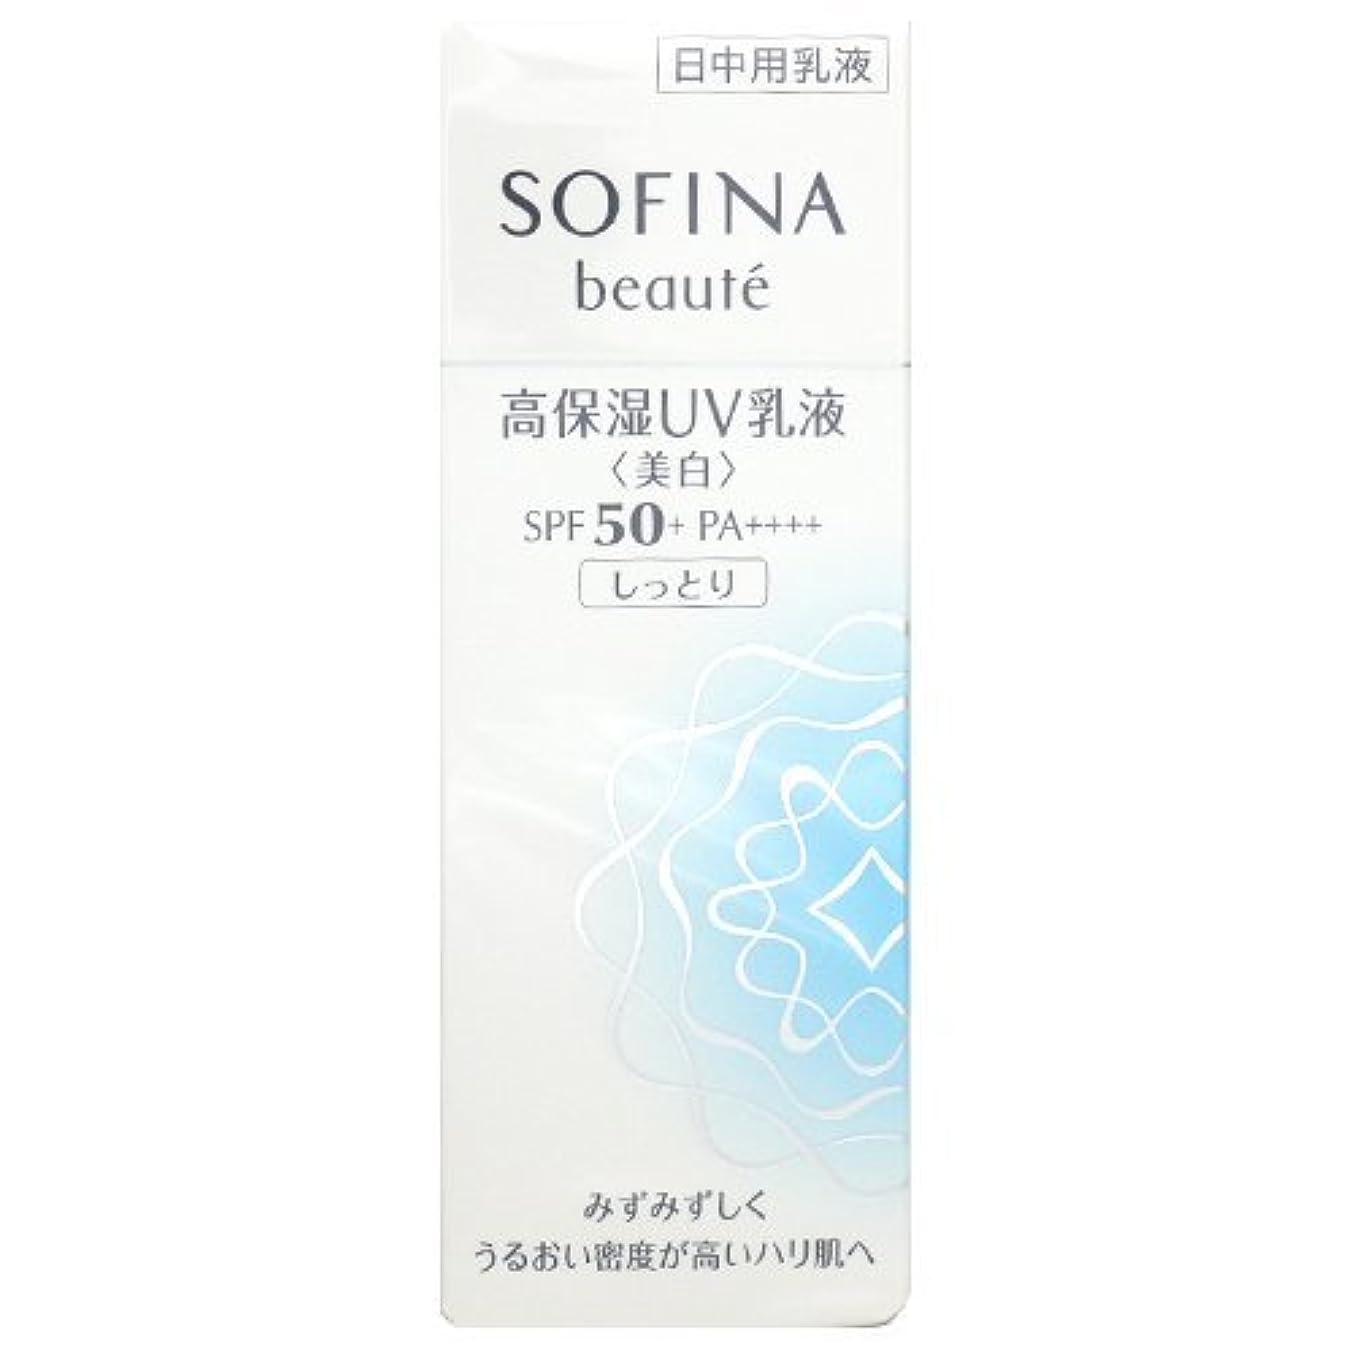 ランチ徴収に花王 ソフィーナ ボーテ SOFINA beaute 高保湿UV乳液 美白 SPF50+ PA++++ しっとり 30g [並行輸入品]